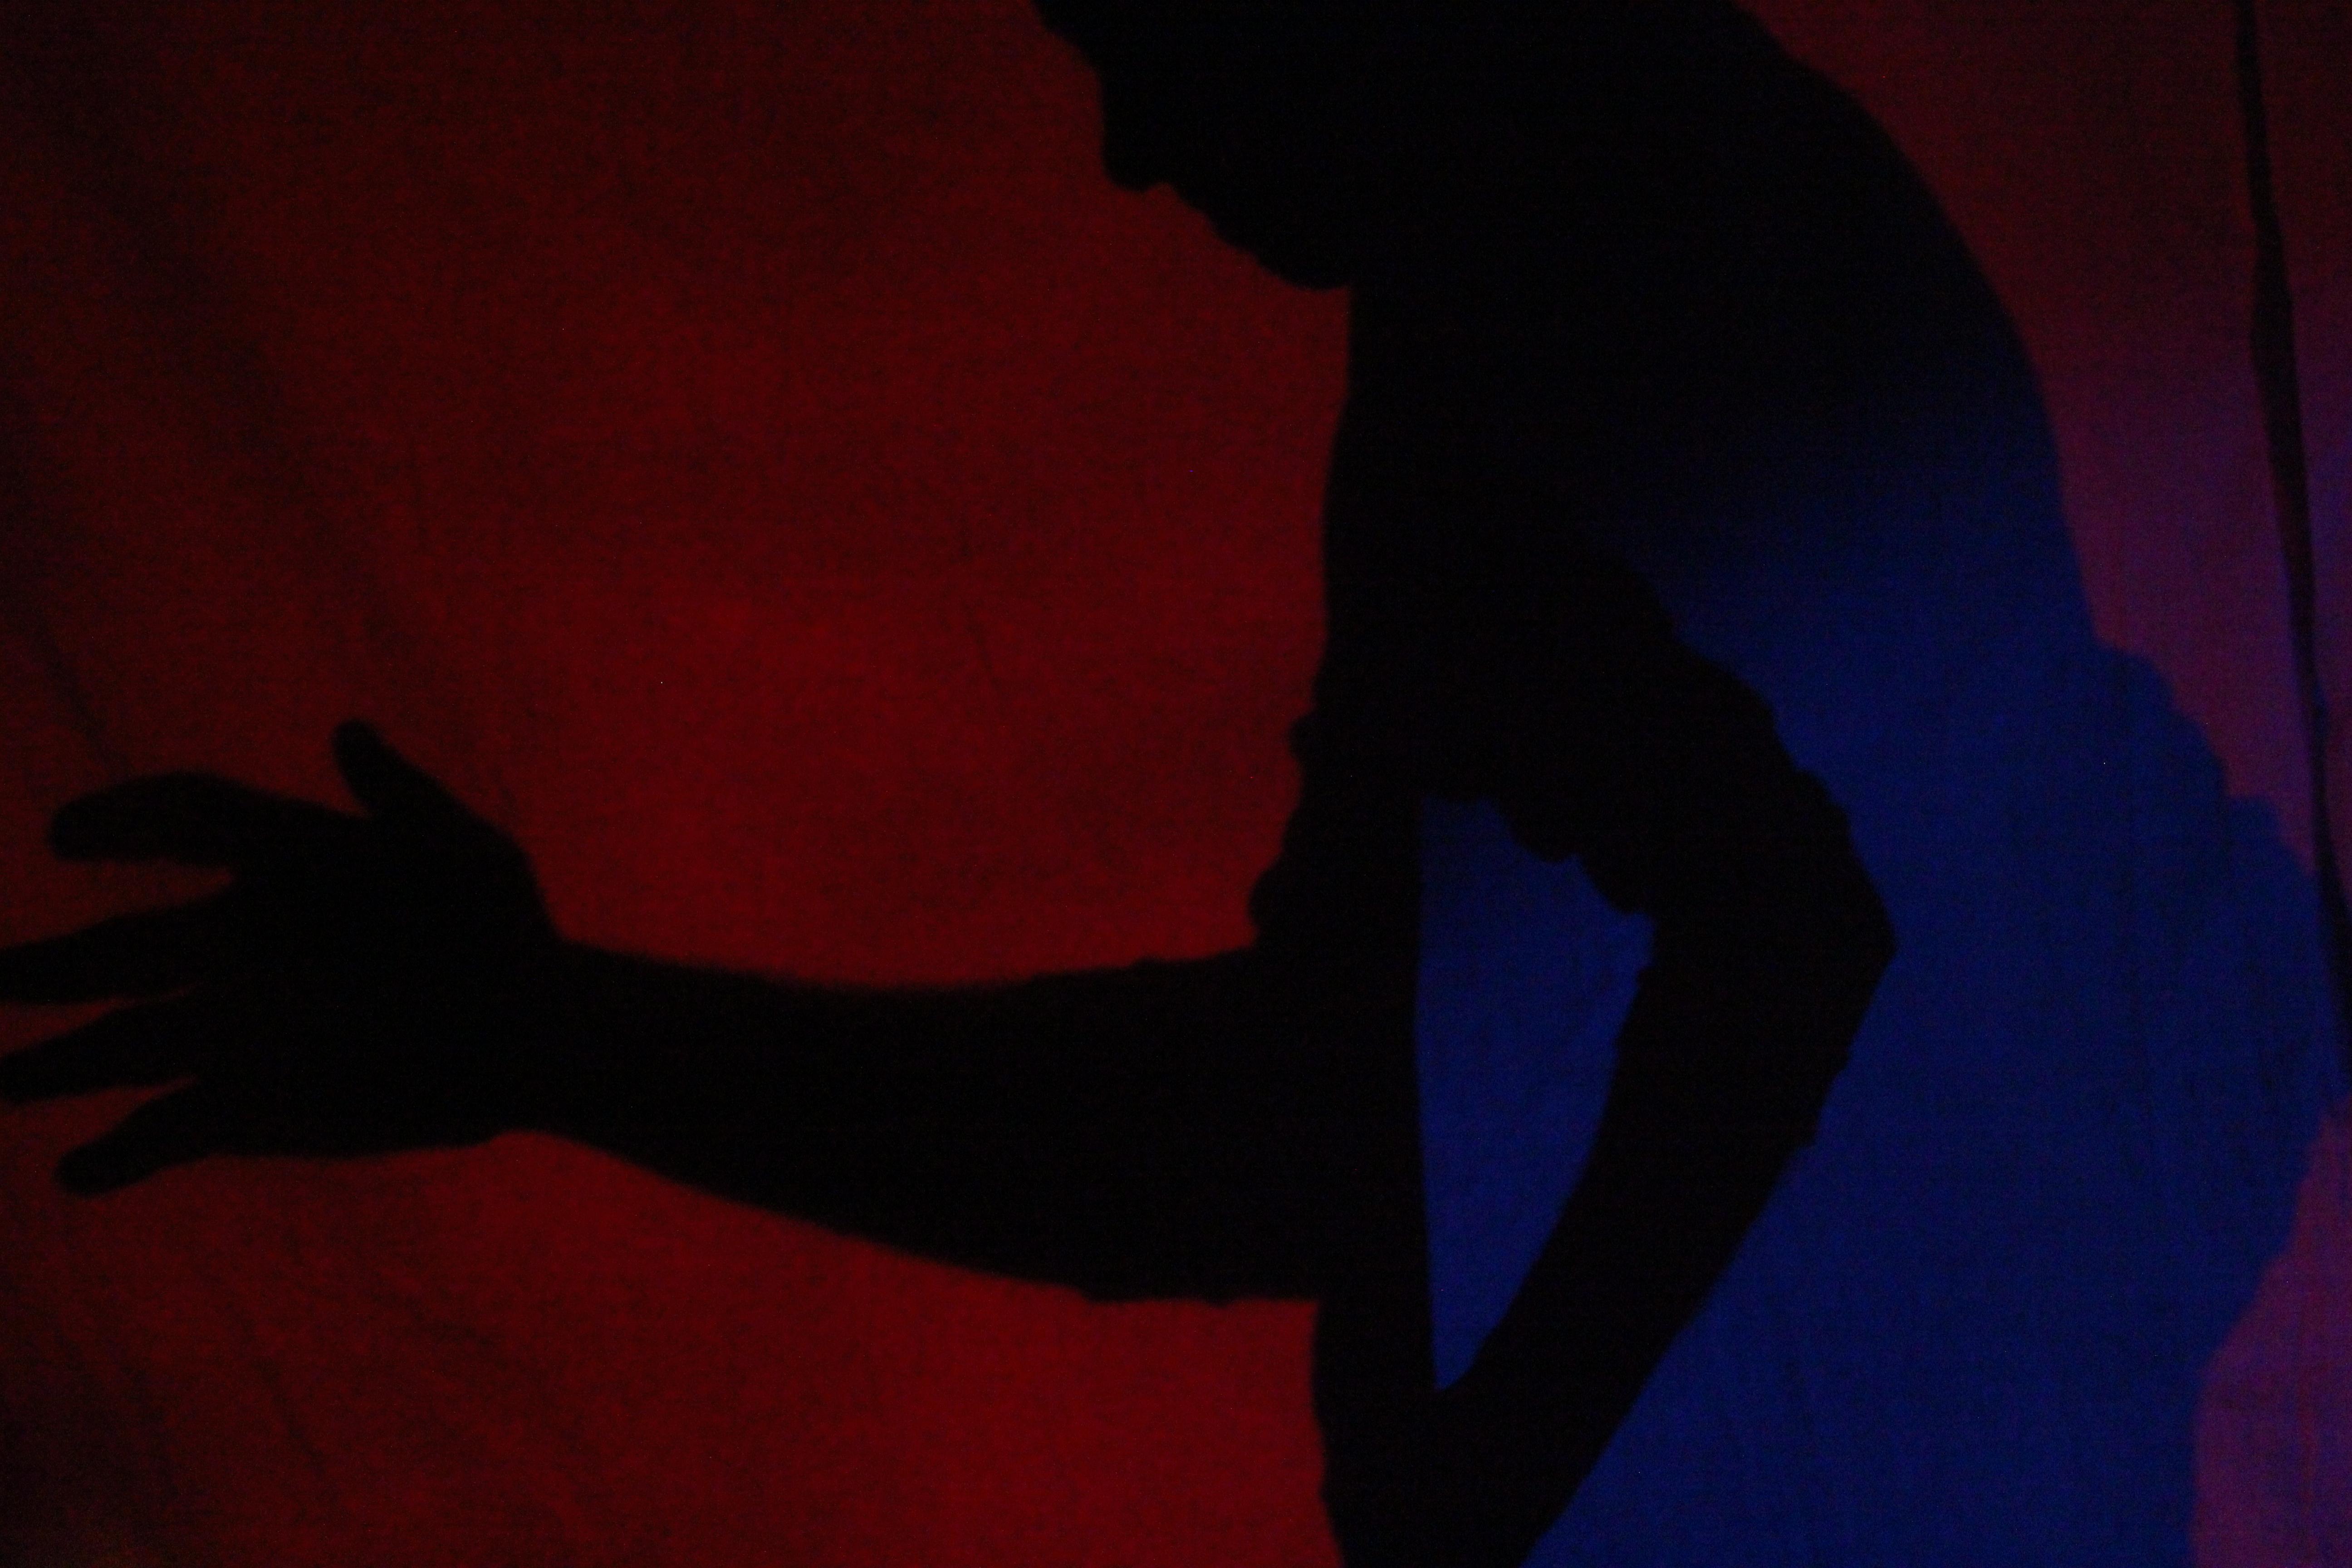 Cuerpos, luces y sombras - Seminario Intensivo 2014